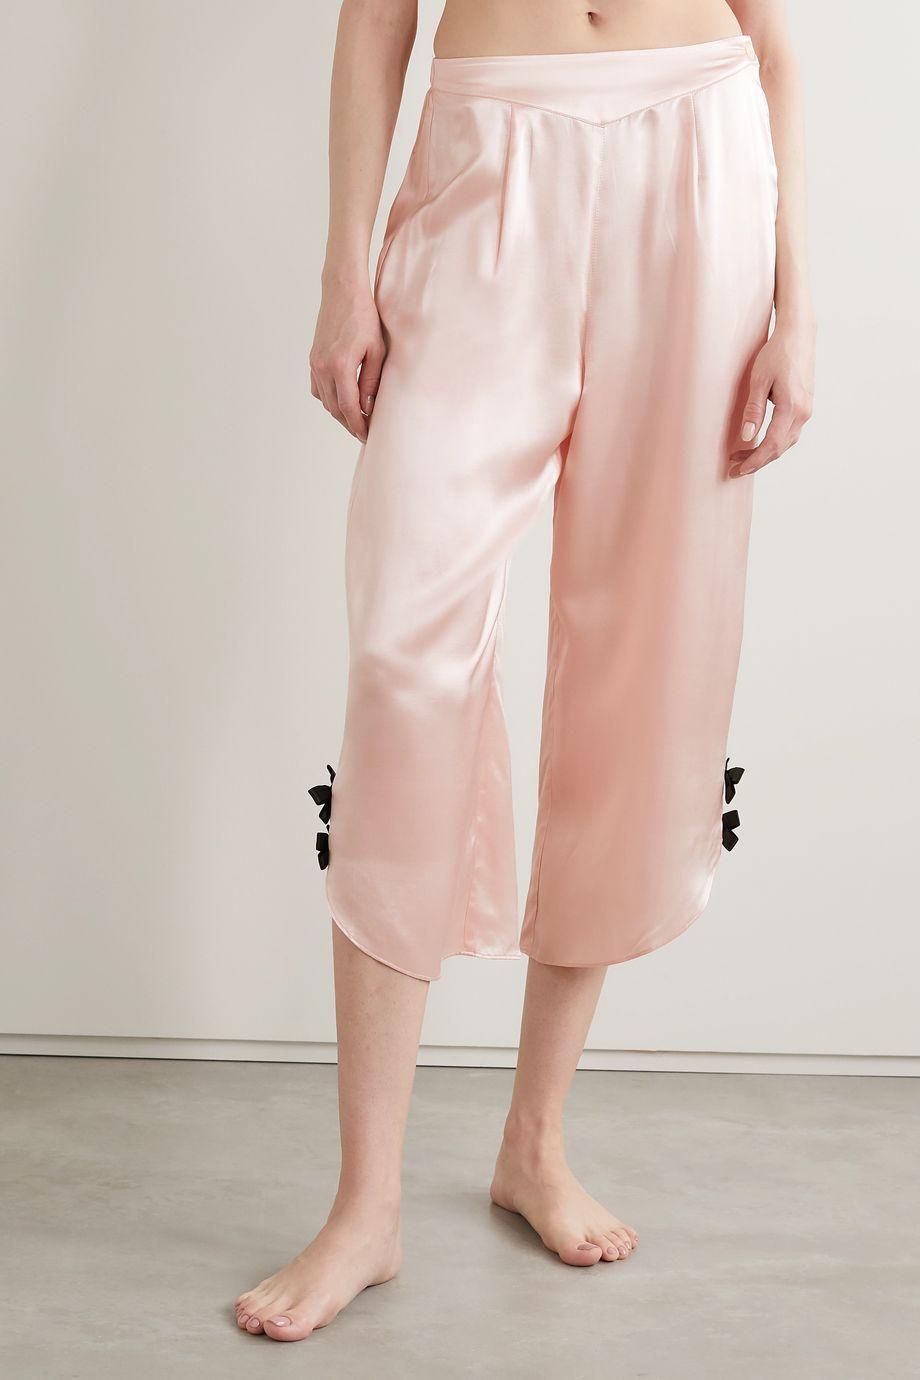 Morgan Lane Margo bow-embellished satin pajama pants